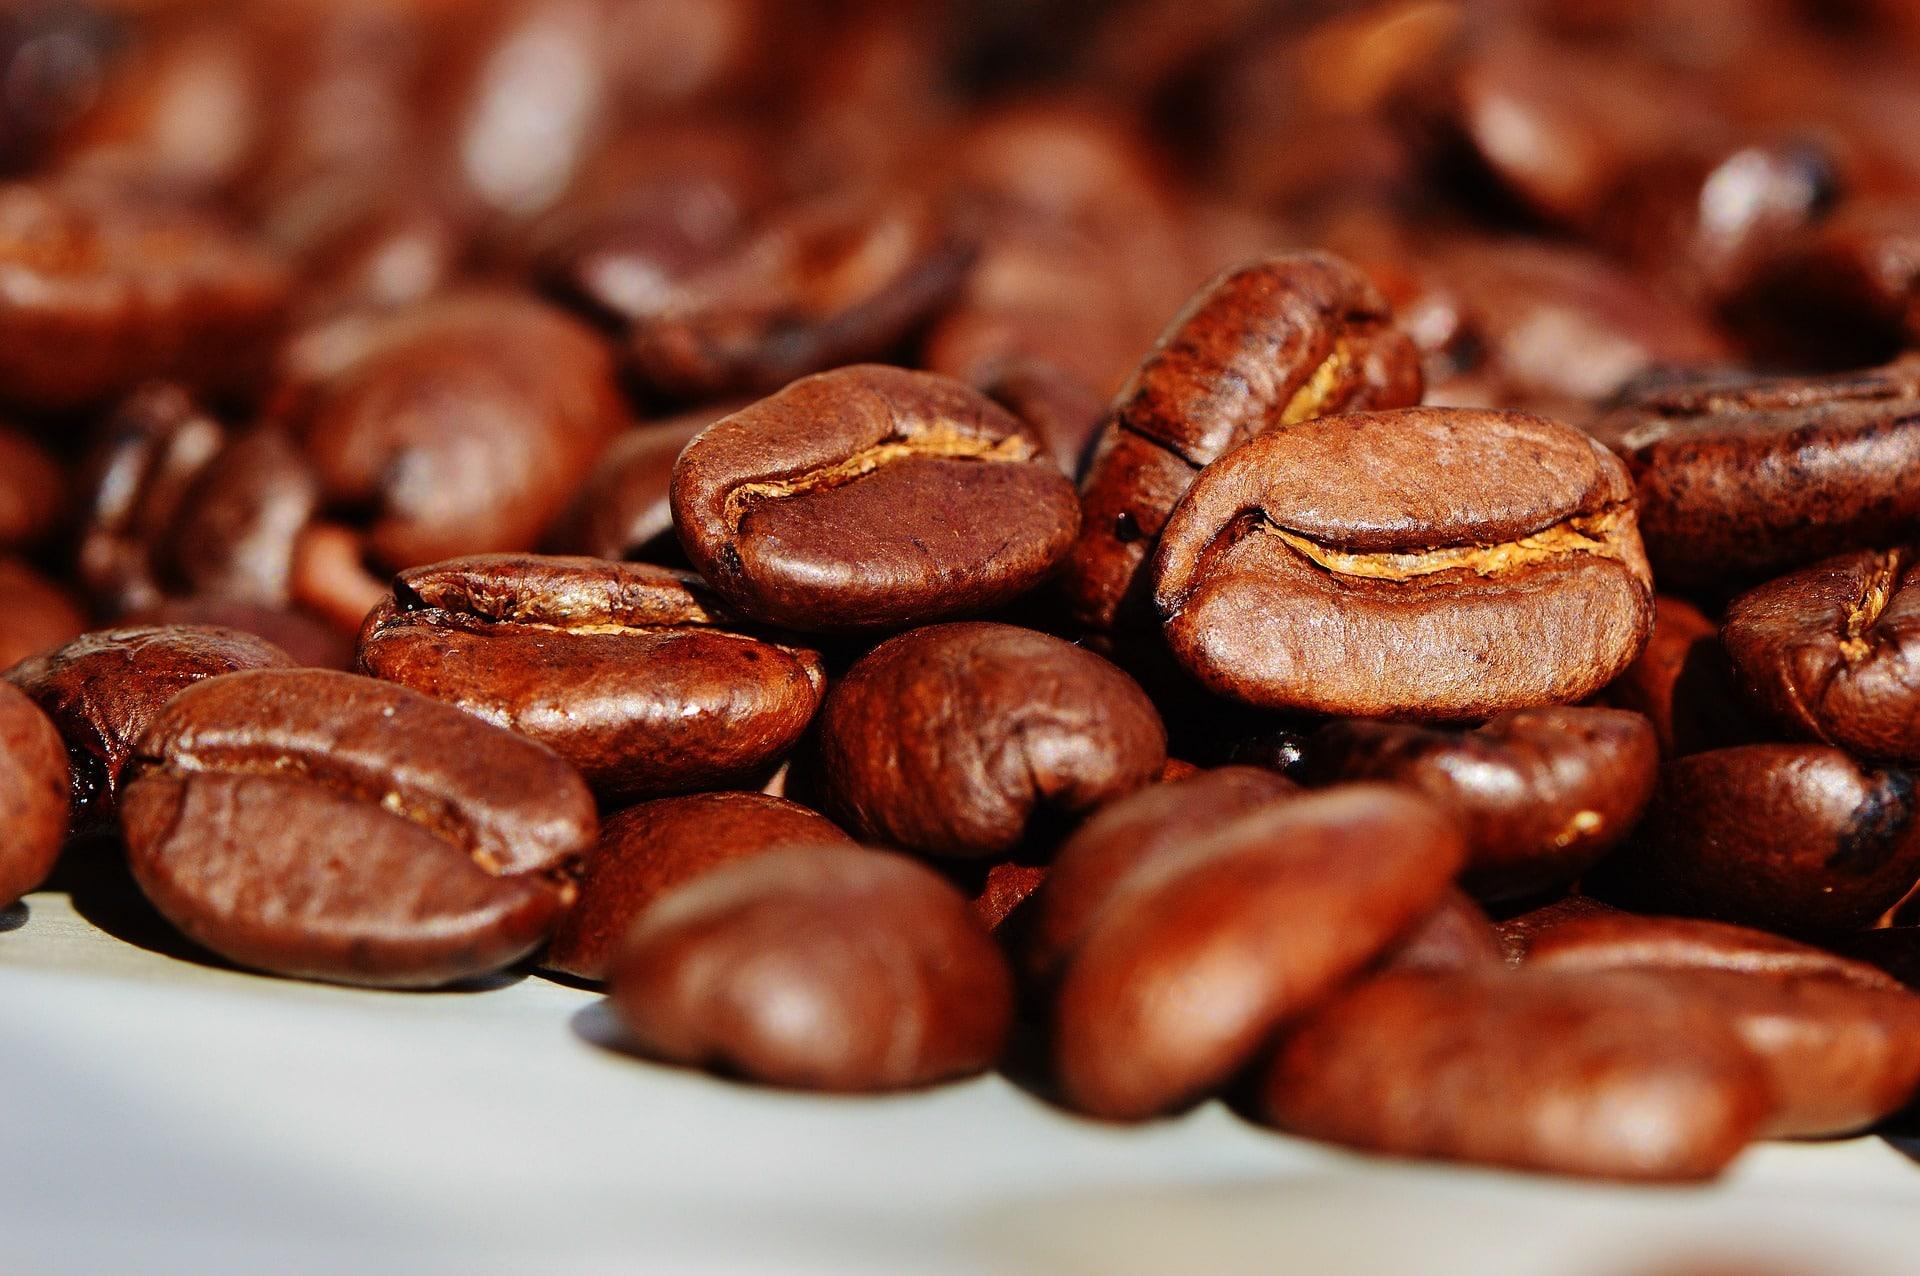 granos café turco